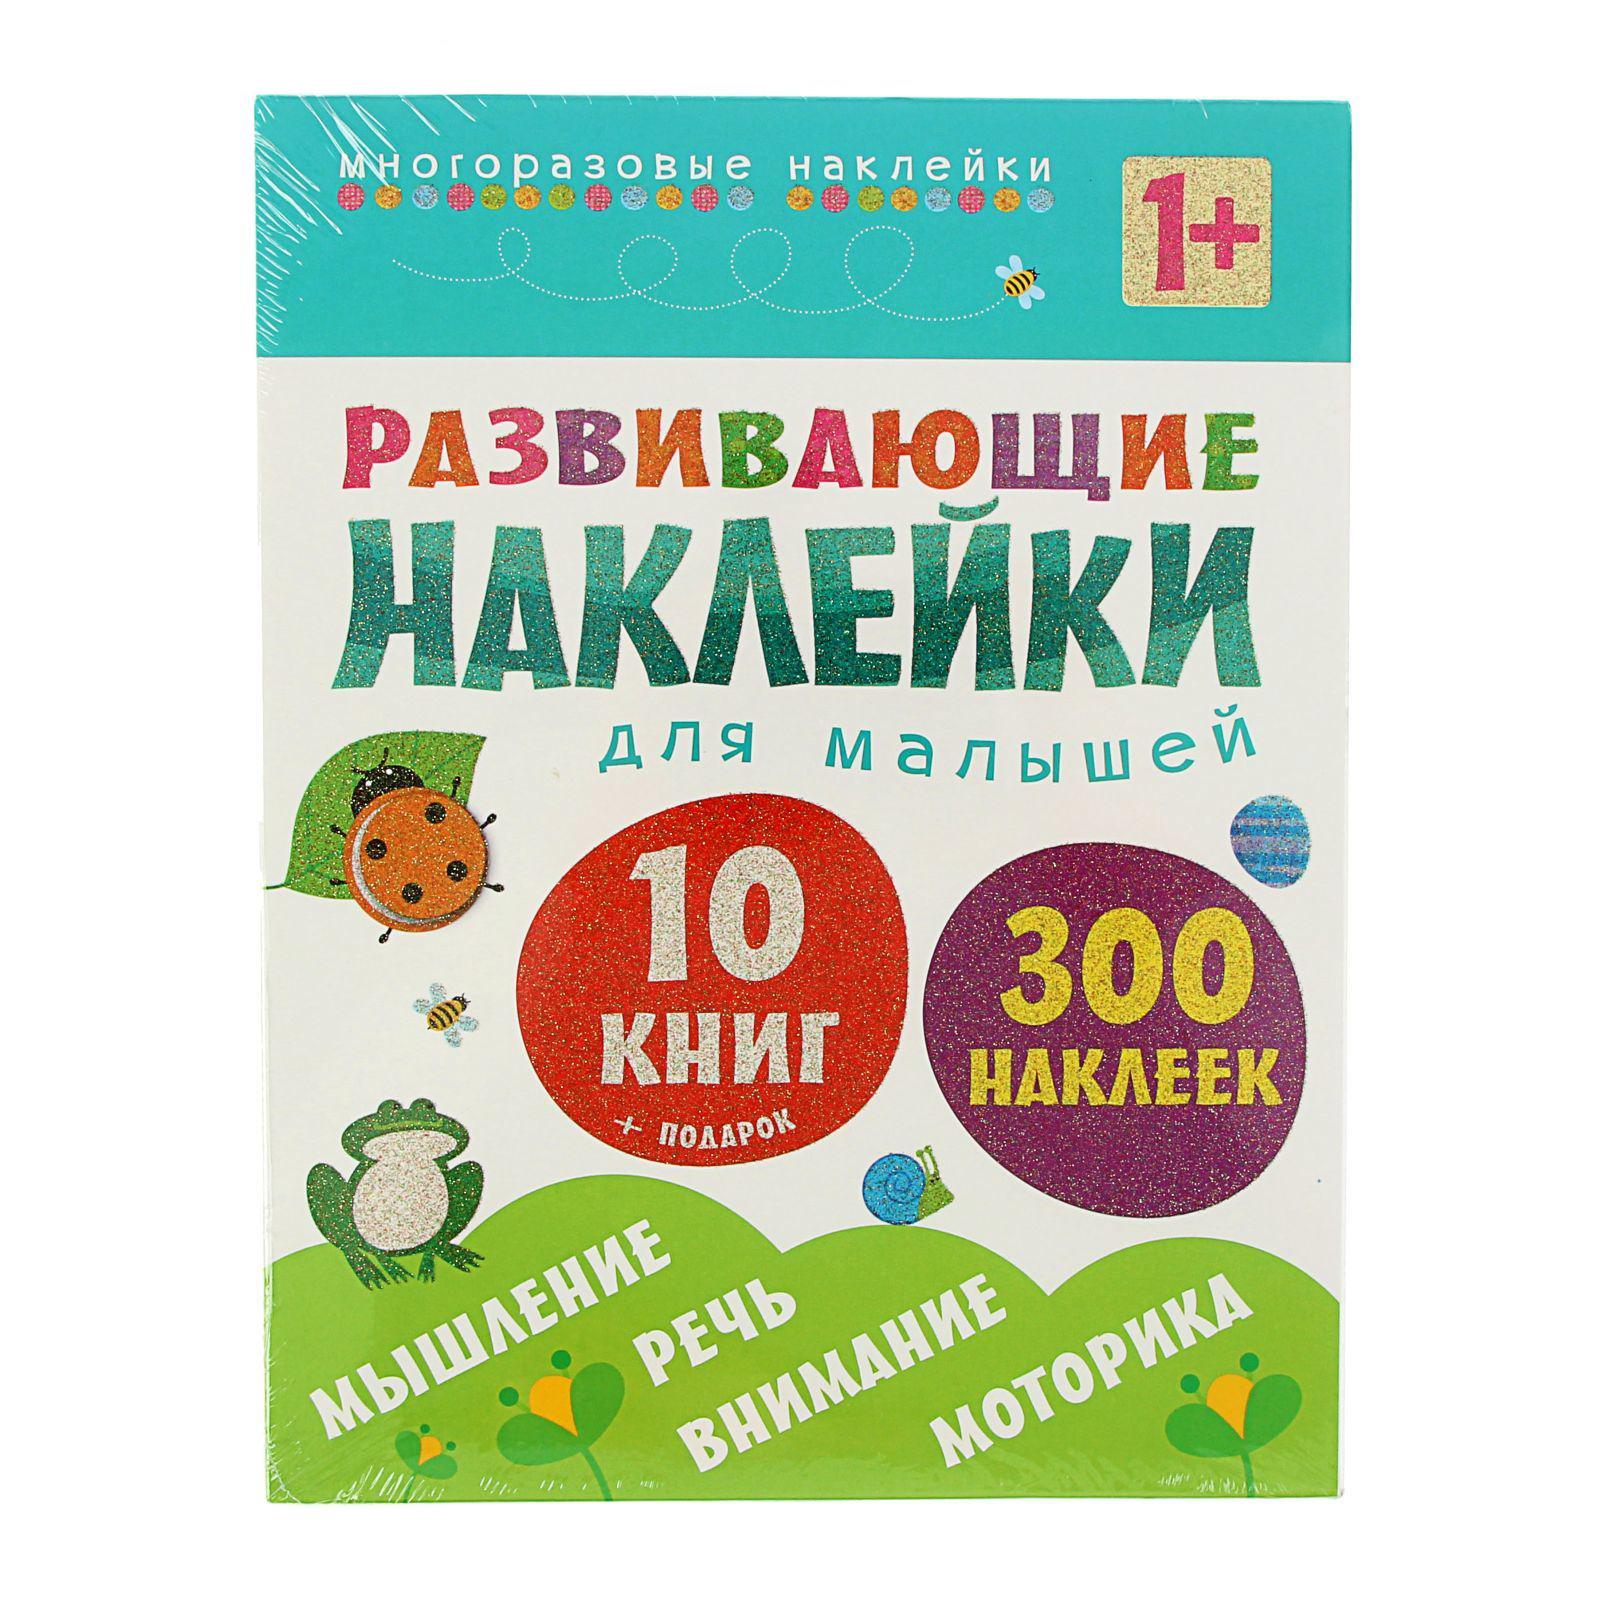 Развивающие наклейки для малышей – комплект из 10 книг, для детей от 1 года - РАЗВИВАЕМ МАЛЫША, артикул: 157797